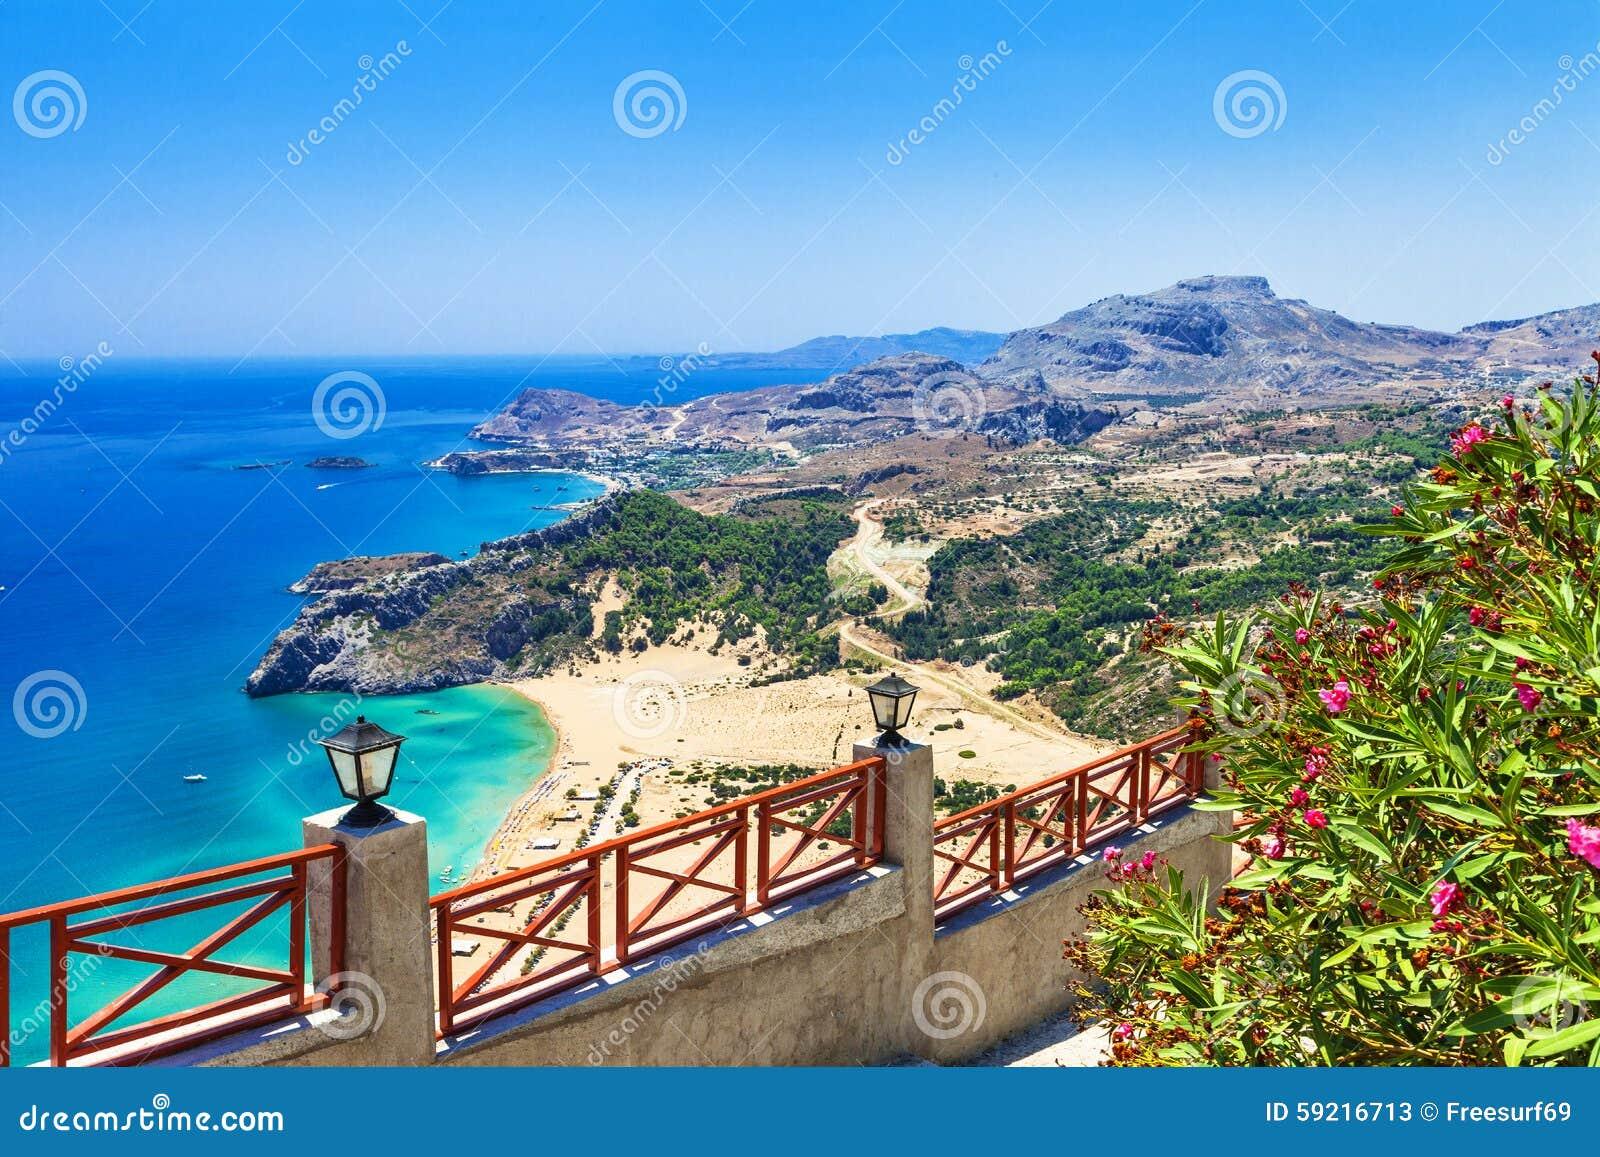 Griechenland Strände Von Rhodos Insel Stockbild Bild Von